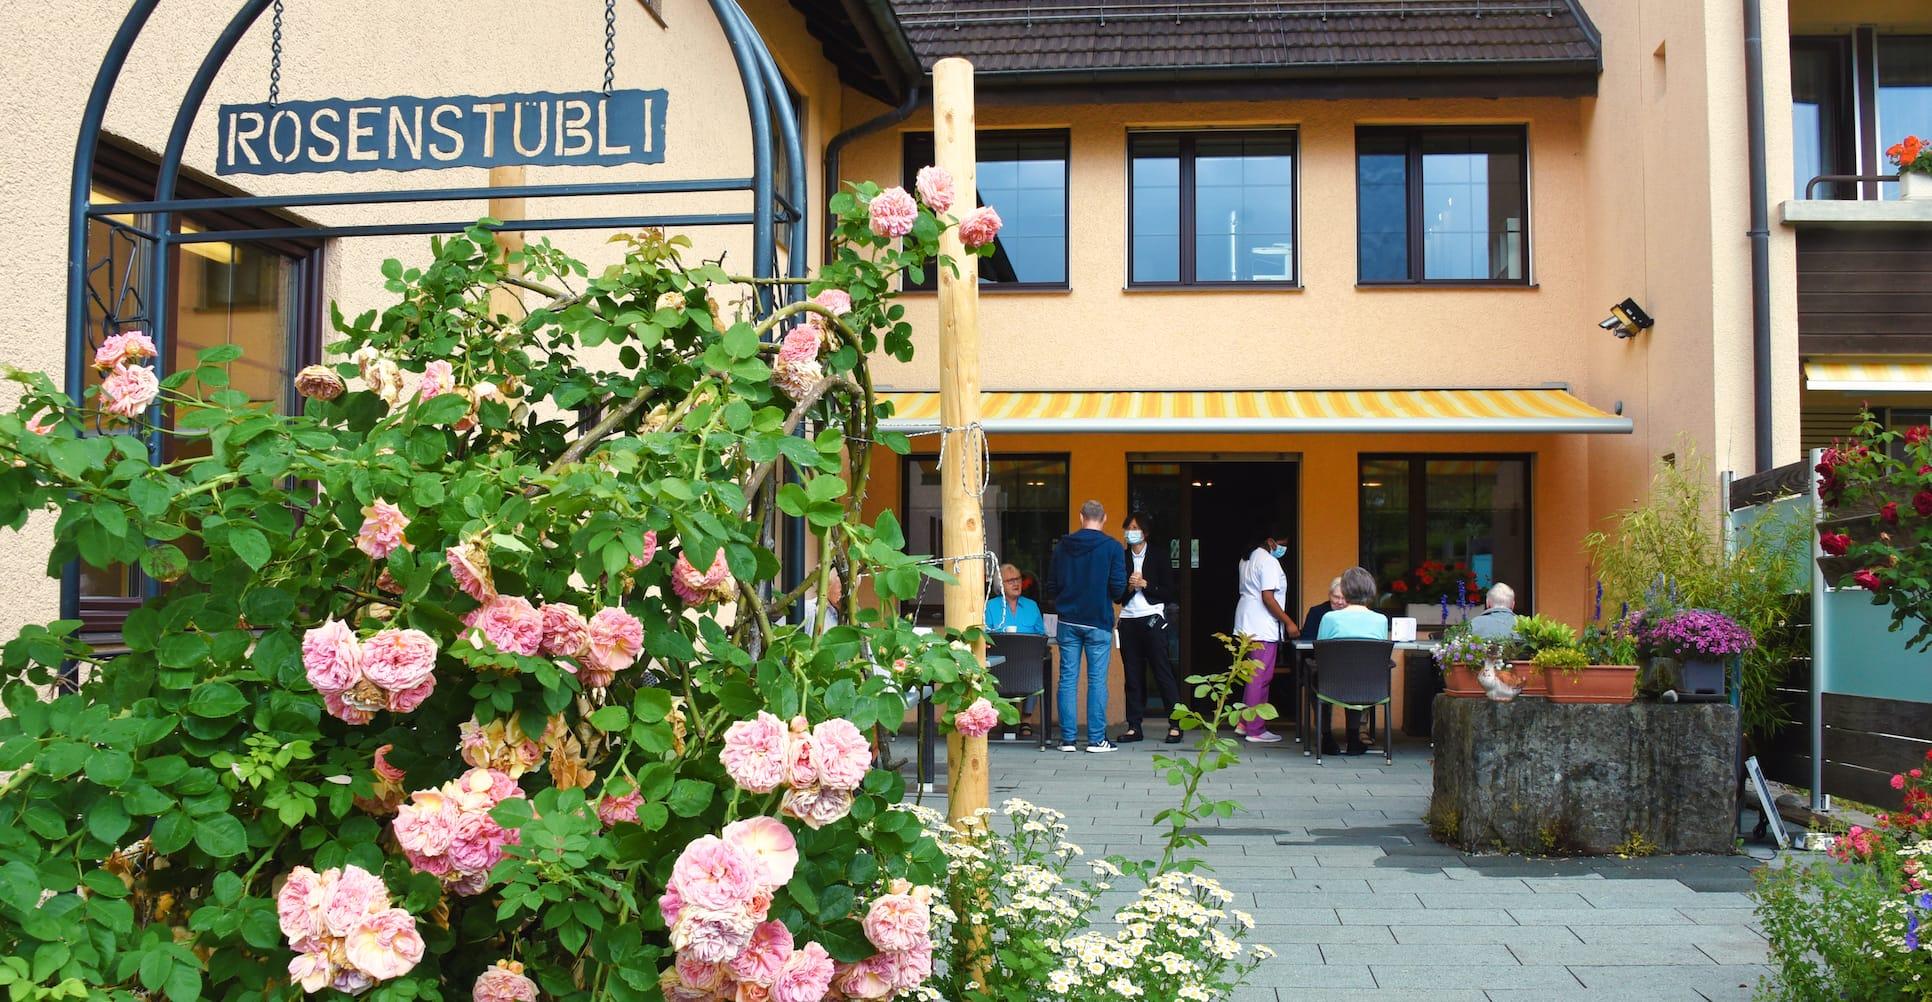 Aussensitzplätze der Cafeteria Rosenstübli